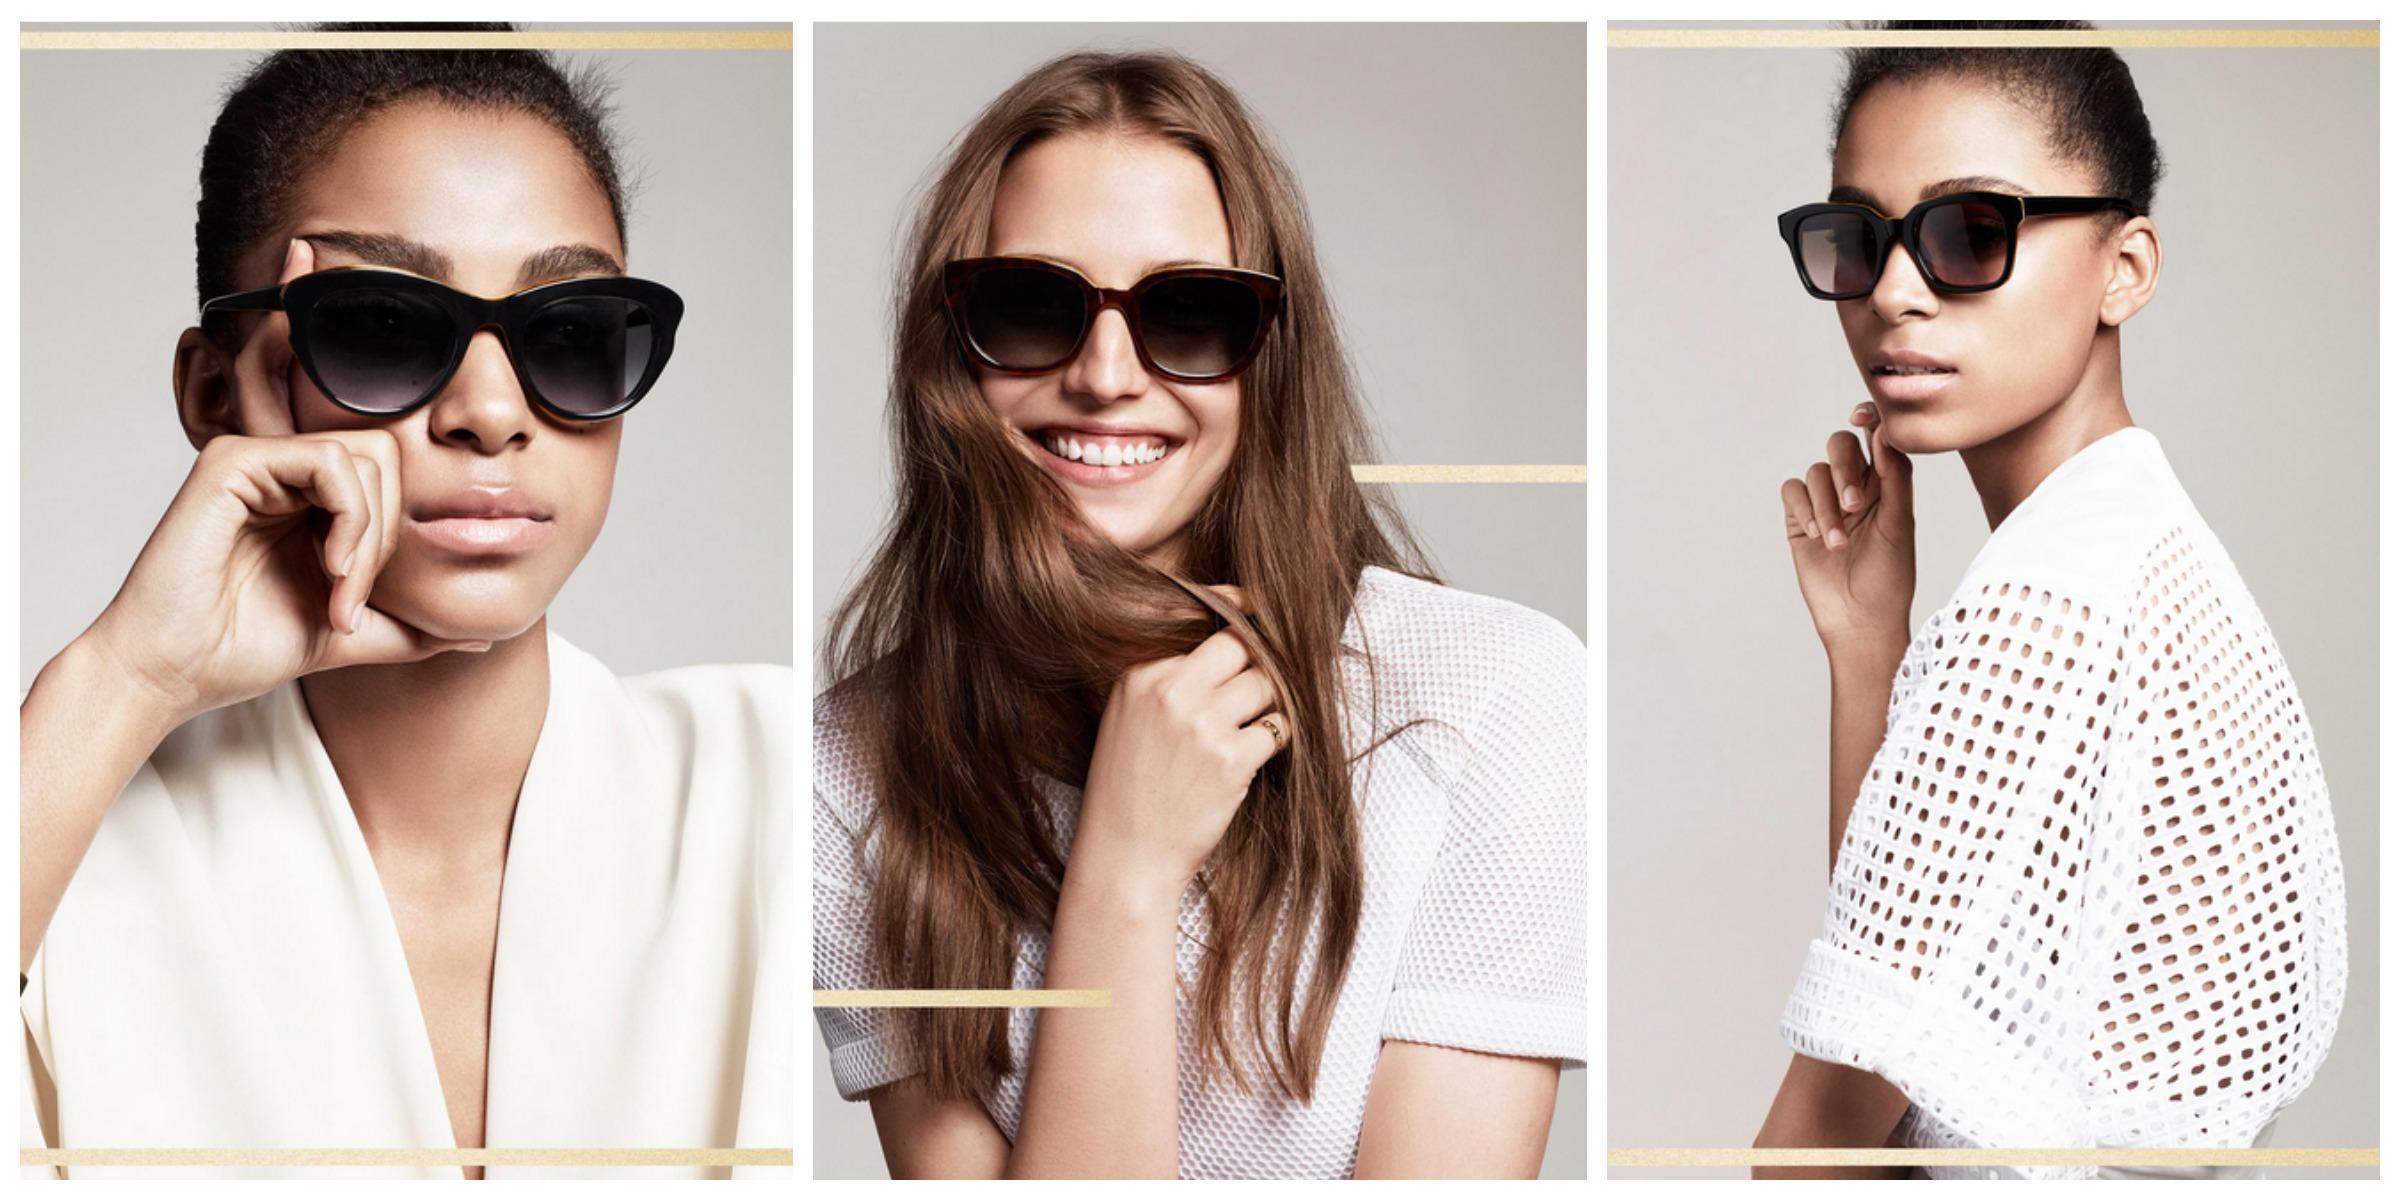 با برند عینک «واربی پارکر» (Warby Parker) بیشتر آشنا شوید